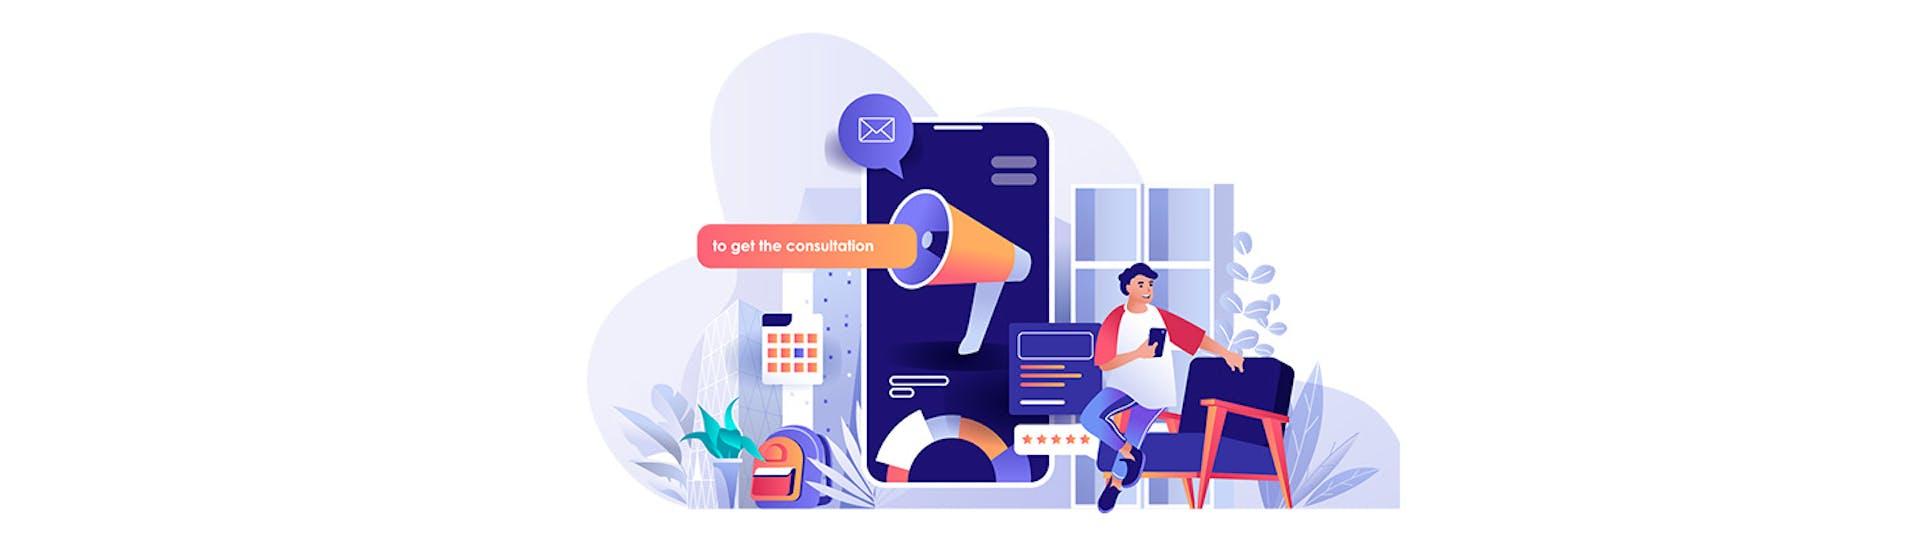 Objetivos de Facebook en marketing: cuáles son y cómo lograrlos en simples pasos